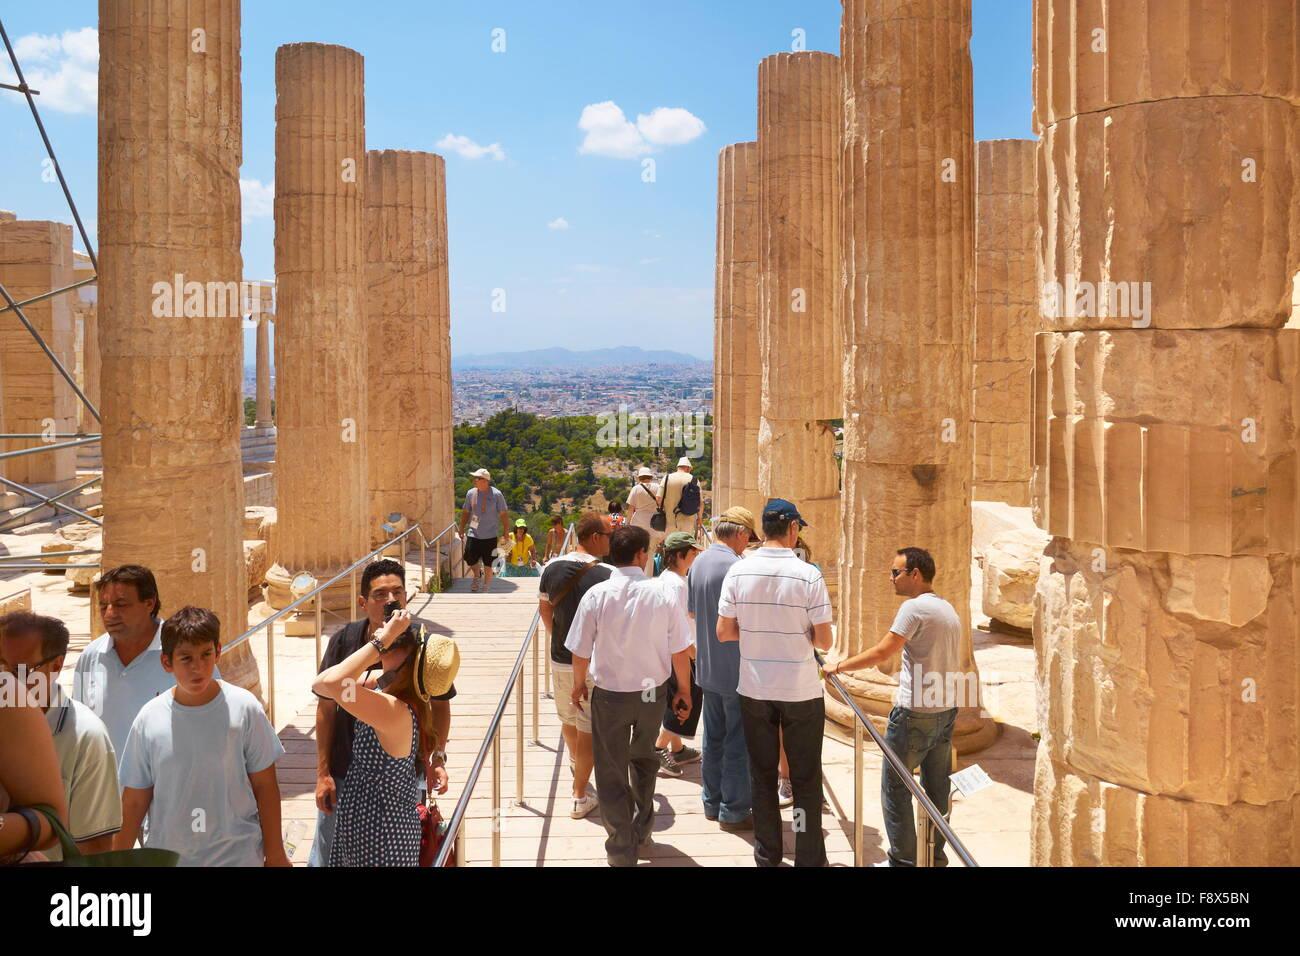 Athen - Akropolis, Durchgang durch die Propyläen, Griechenland Stockbild